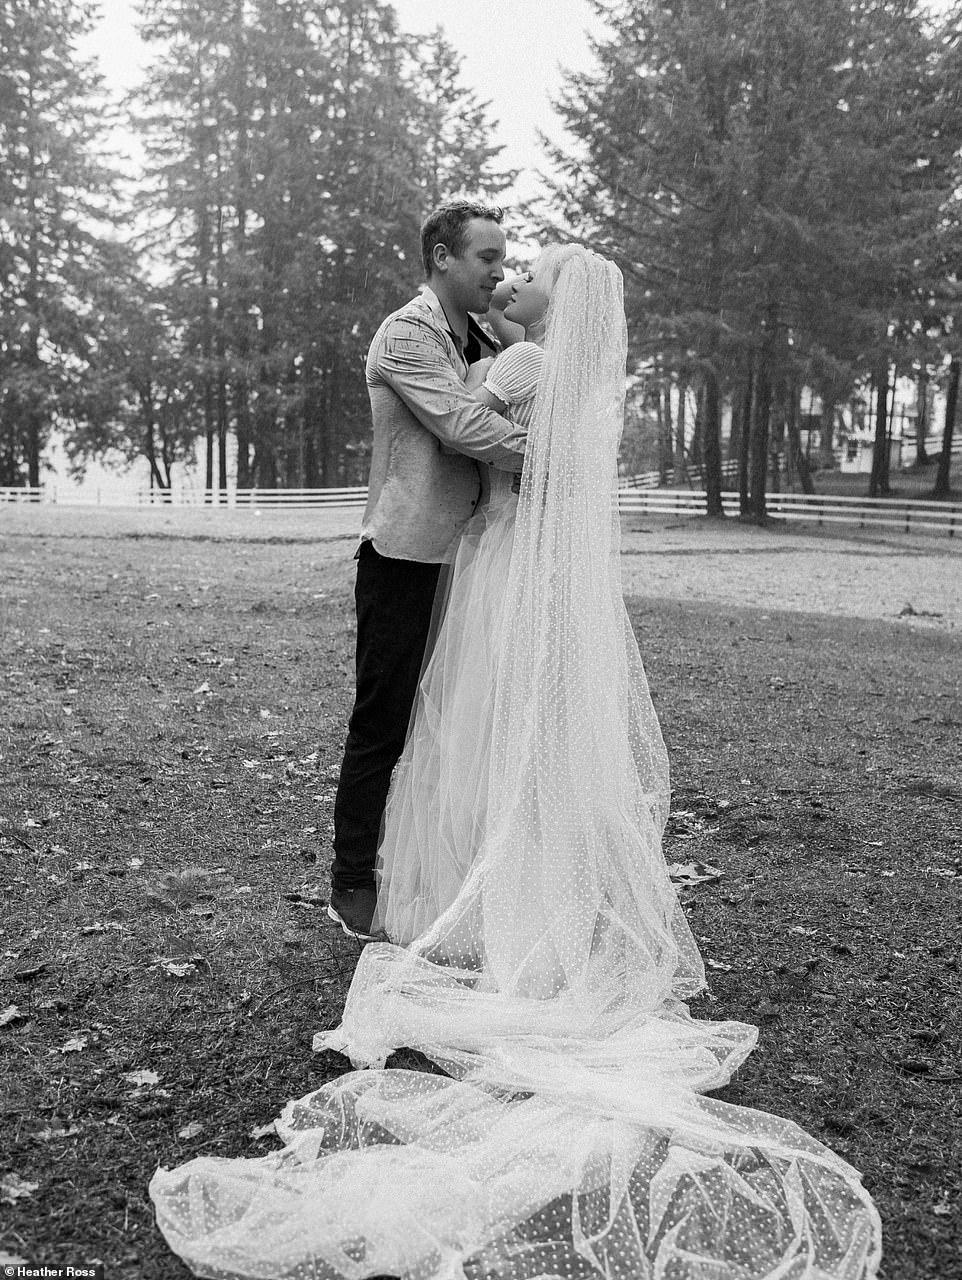 Памела Андерсон вышла замуж за своего телохранителя